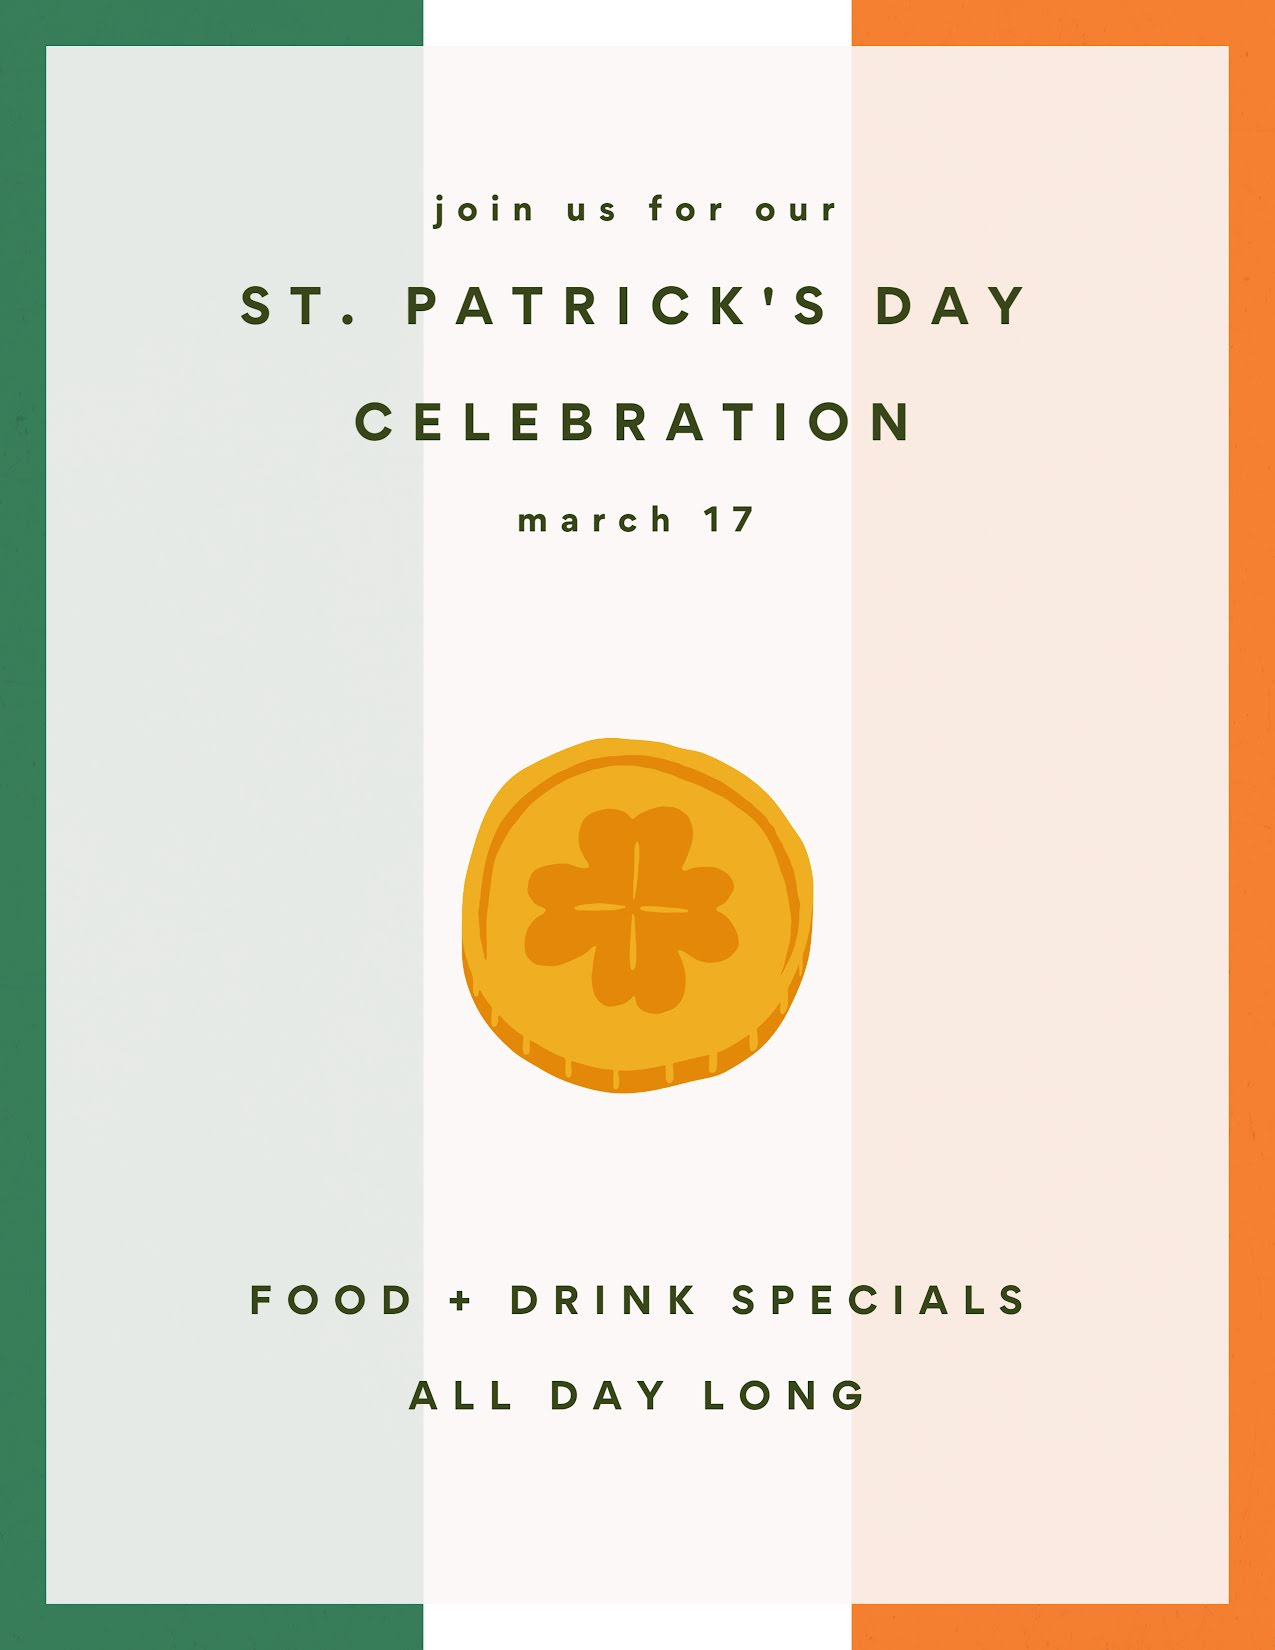 St. Patrick's Celebration - St. Patrick's Day Template